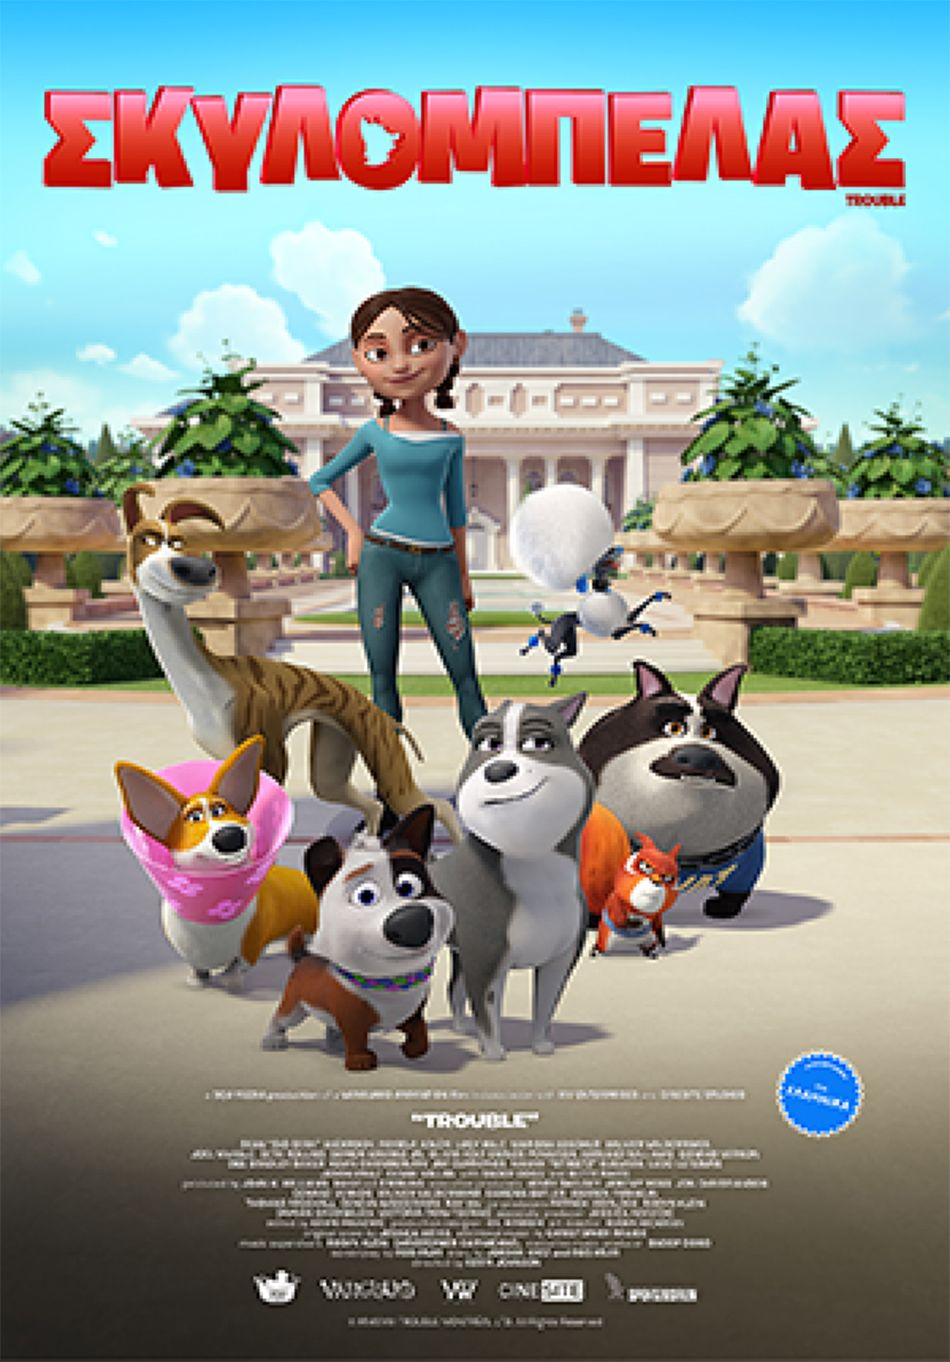 Σκυλομπελάς (Trouble) - Trailer / Τρέιλερ Poster